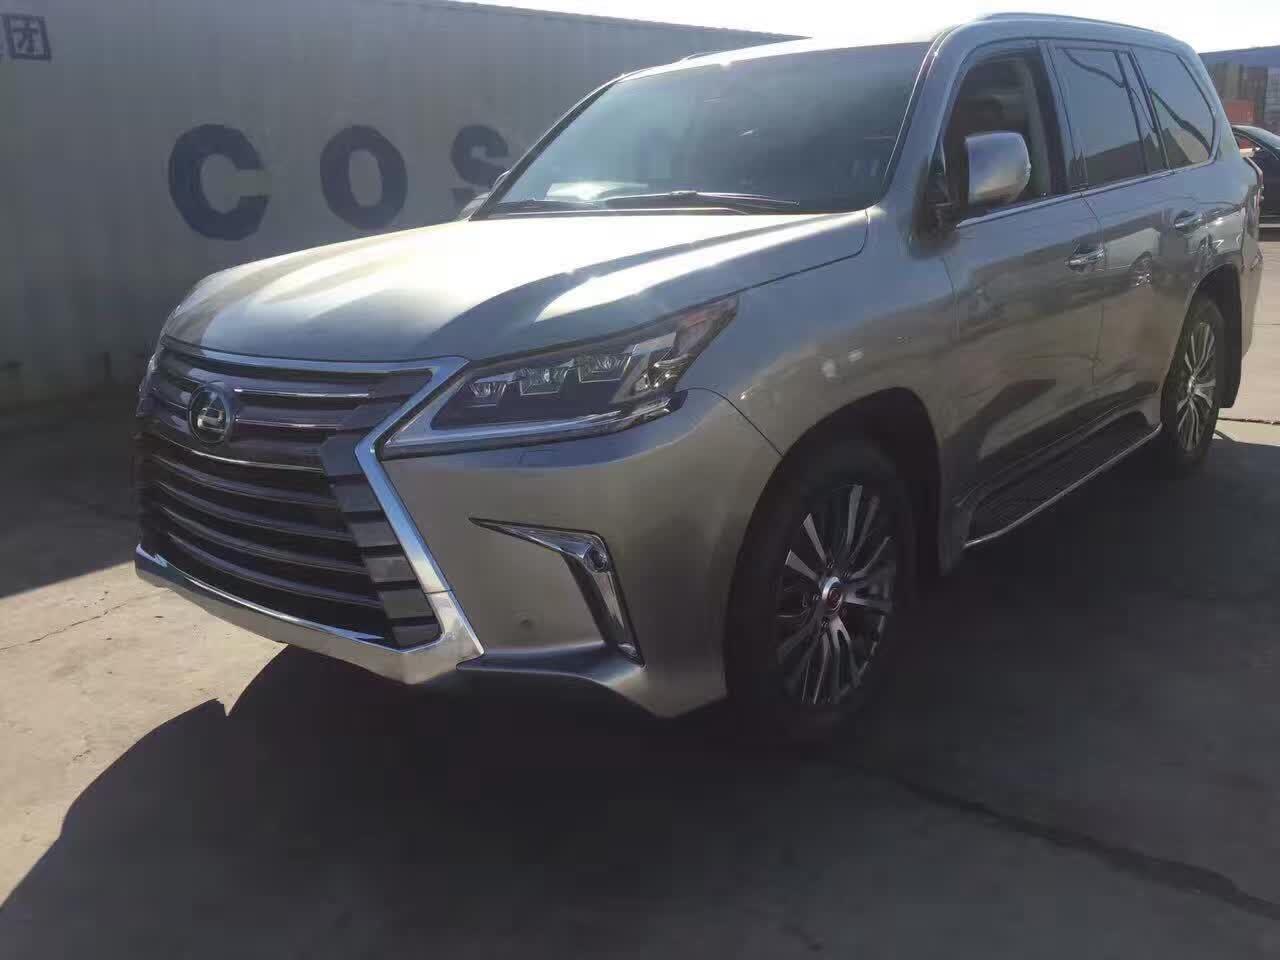 来自张**发布的供应信息:雷克萨斯570,现车... - 北京腾达吉星汽车销售有限公司